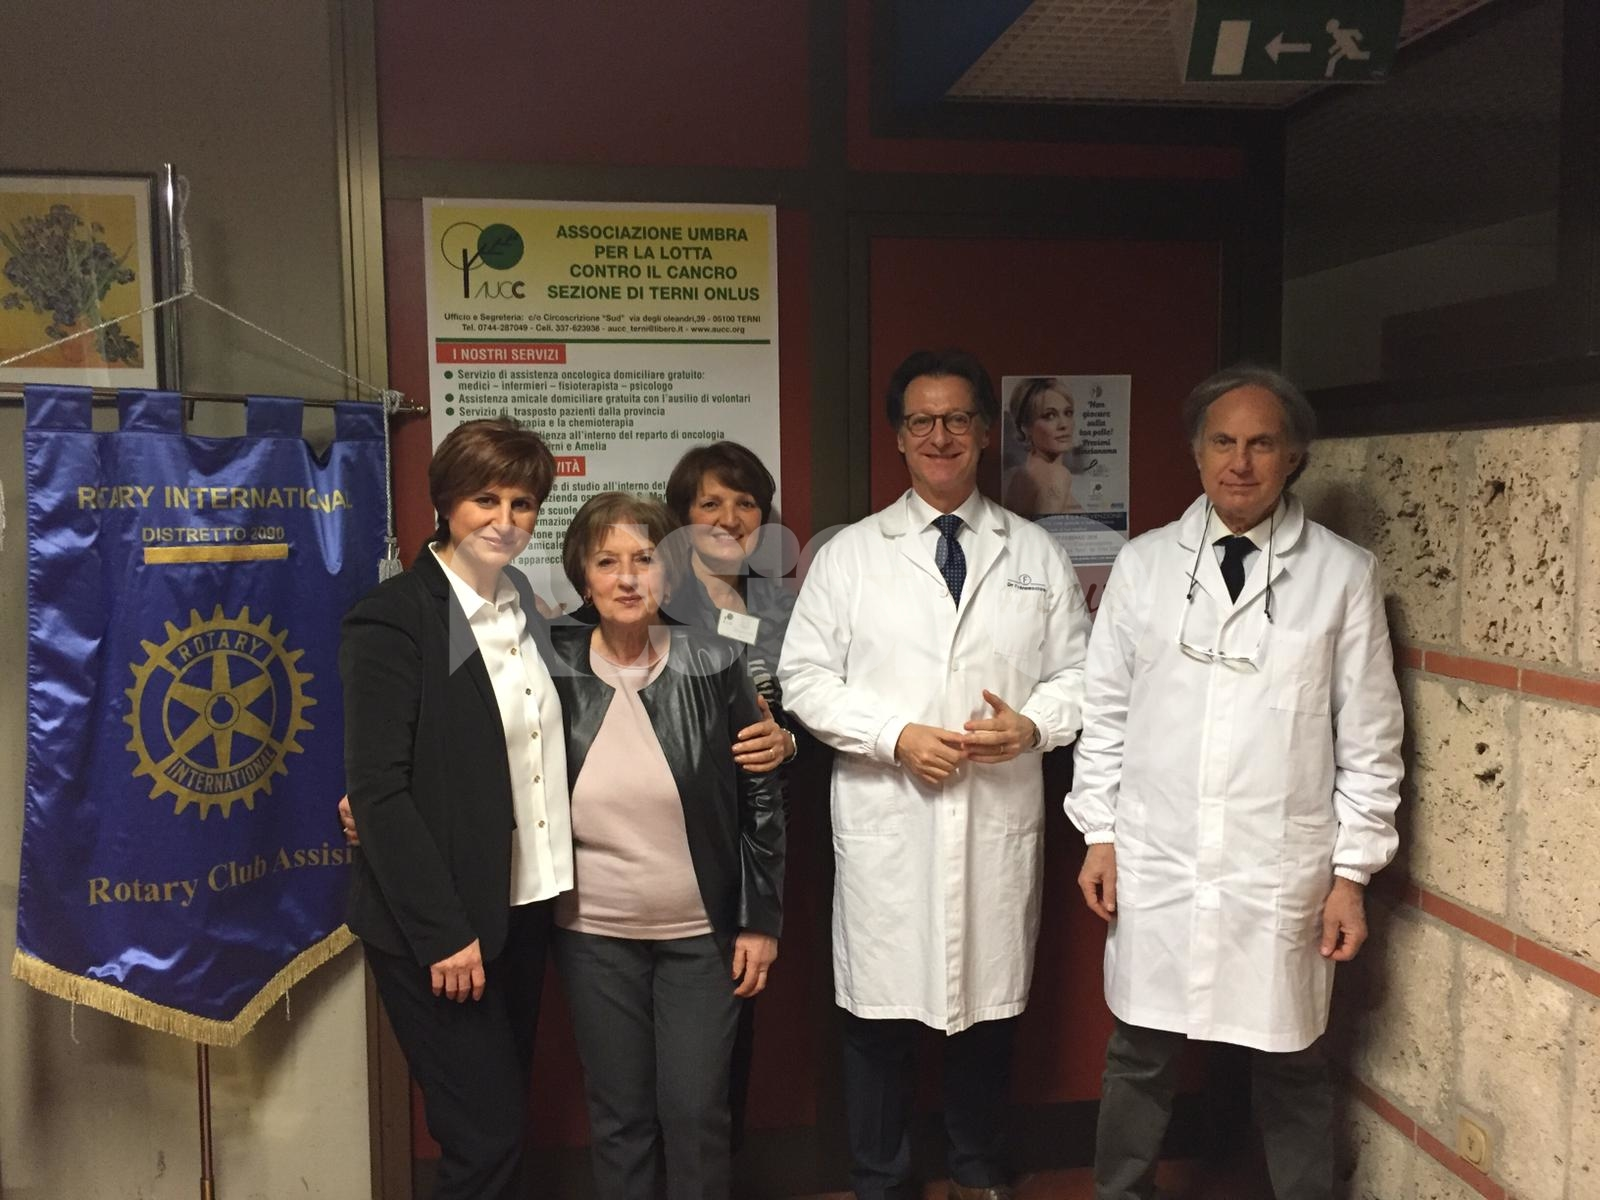 Il Rotary di Assisi piange il dottor Franco Stocchi: il cordoglio del presidente